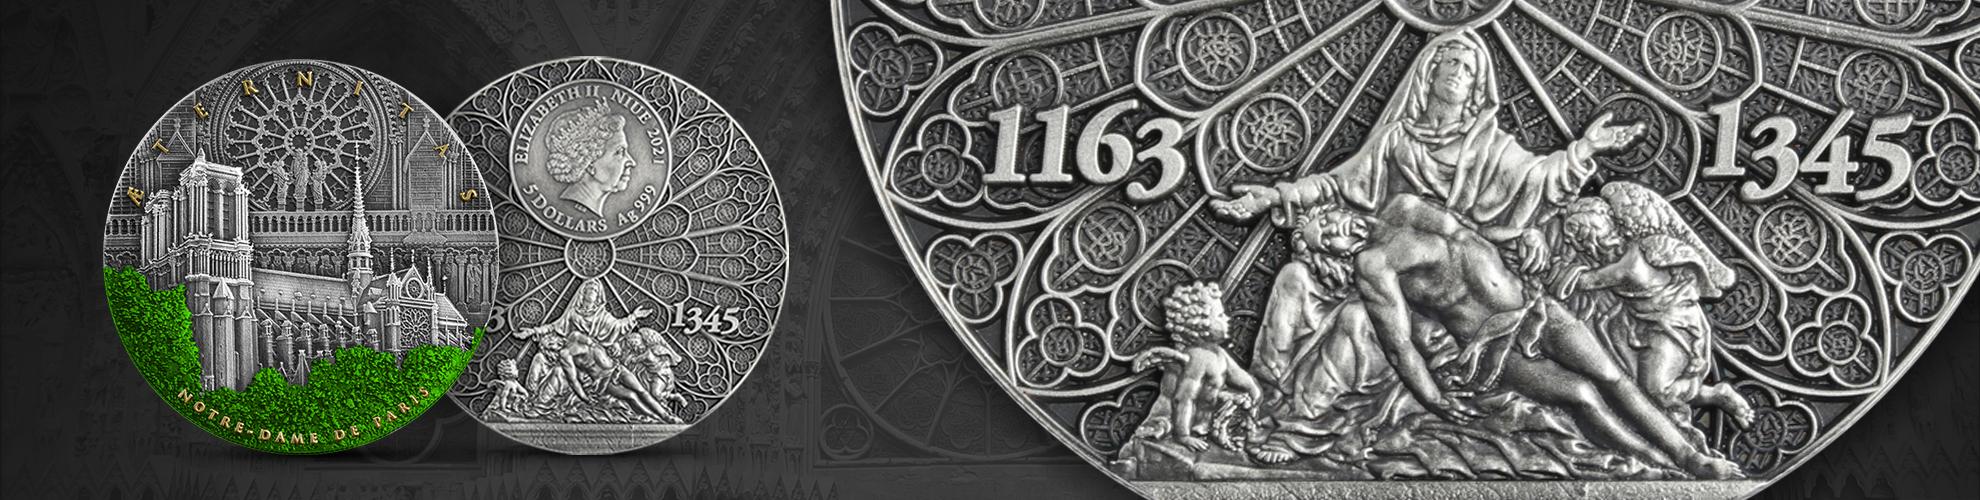 Germania 2021 silver bu all sizes